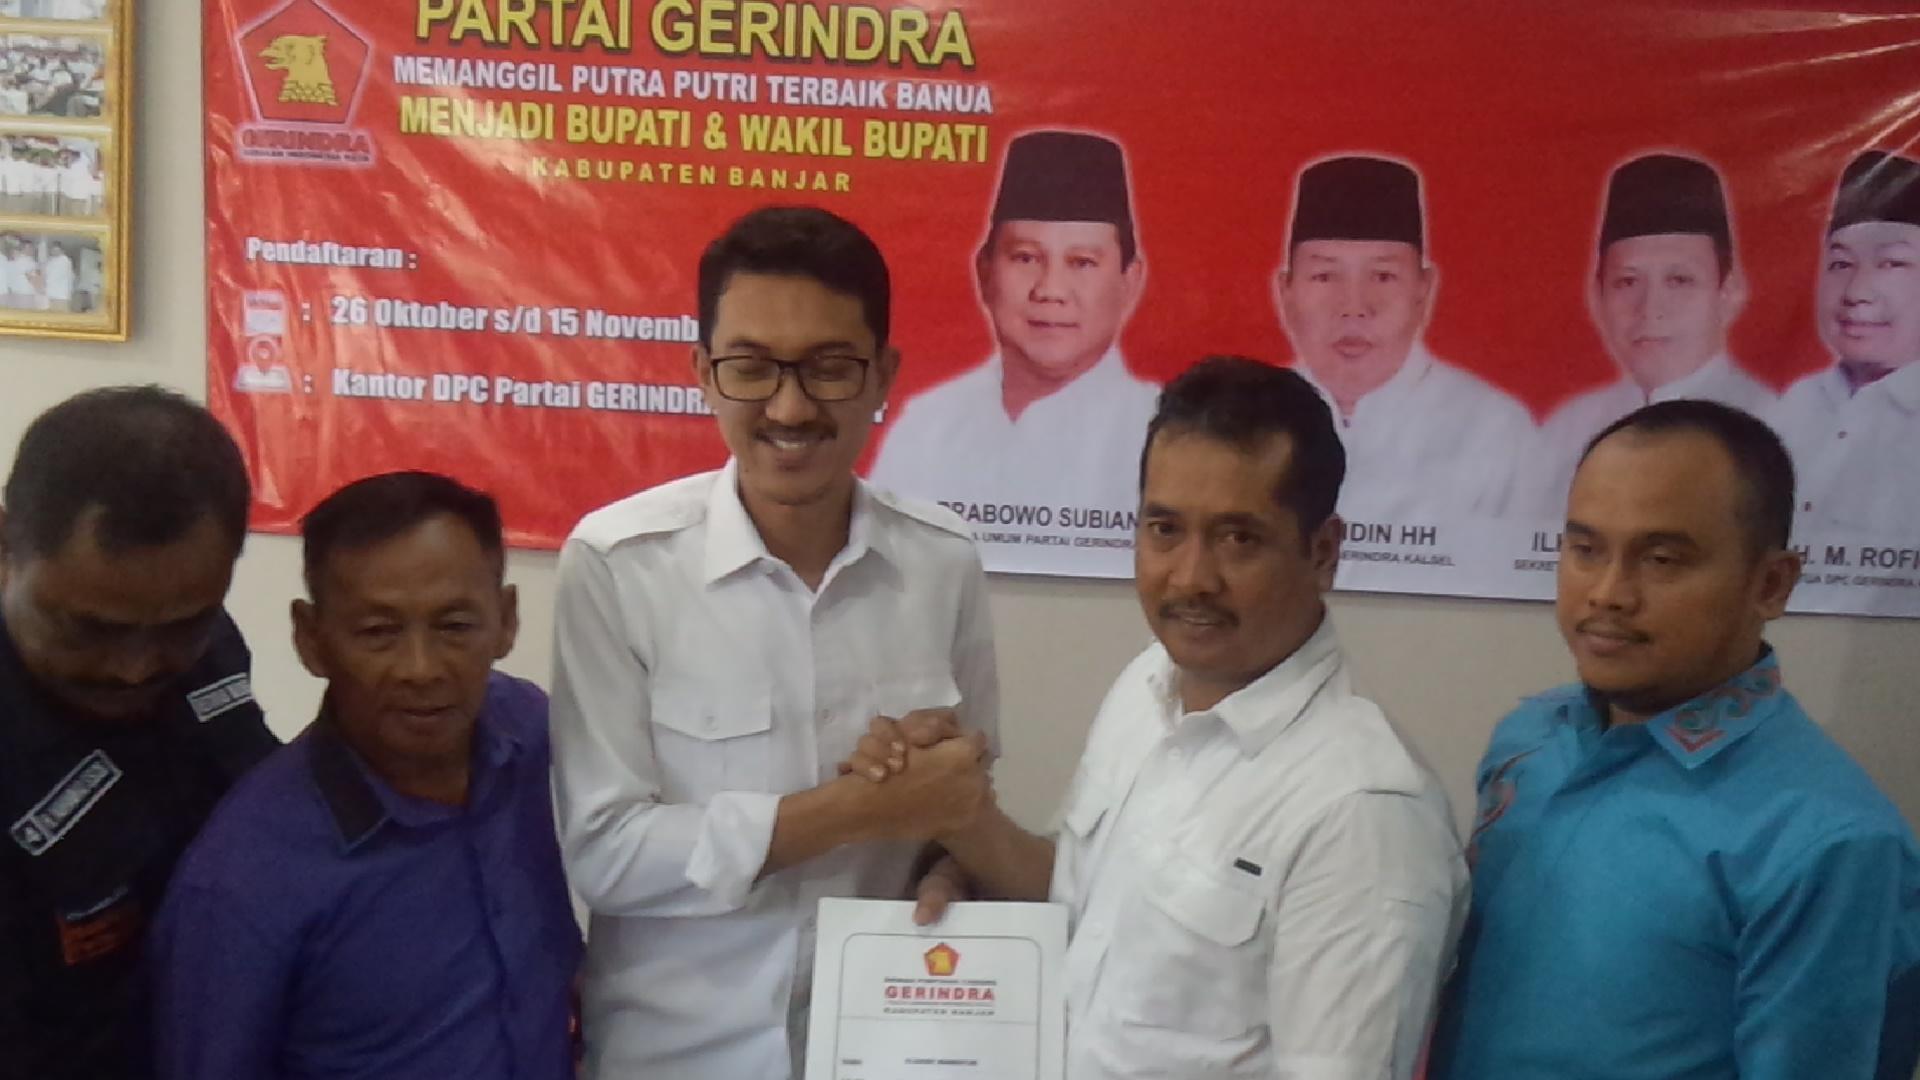 """Saidi Mansyur : """"Bakal Calon Wakil Bupati Saya Orang Martapura"""" 3"""